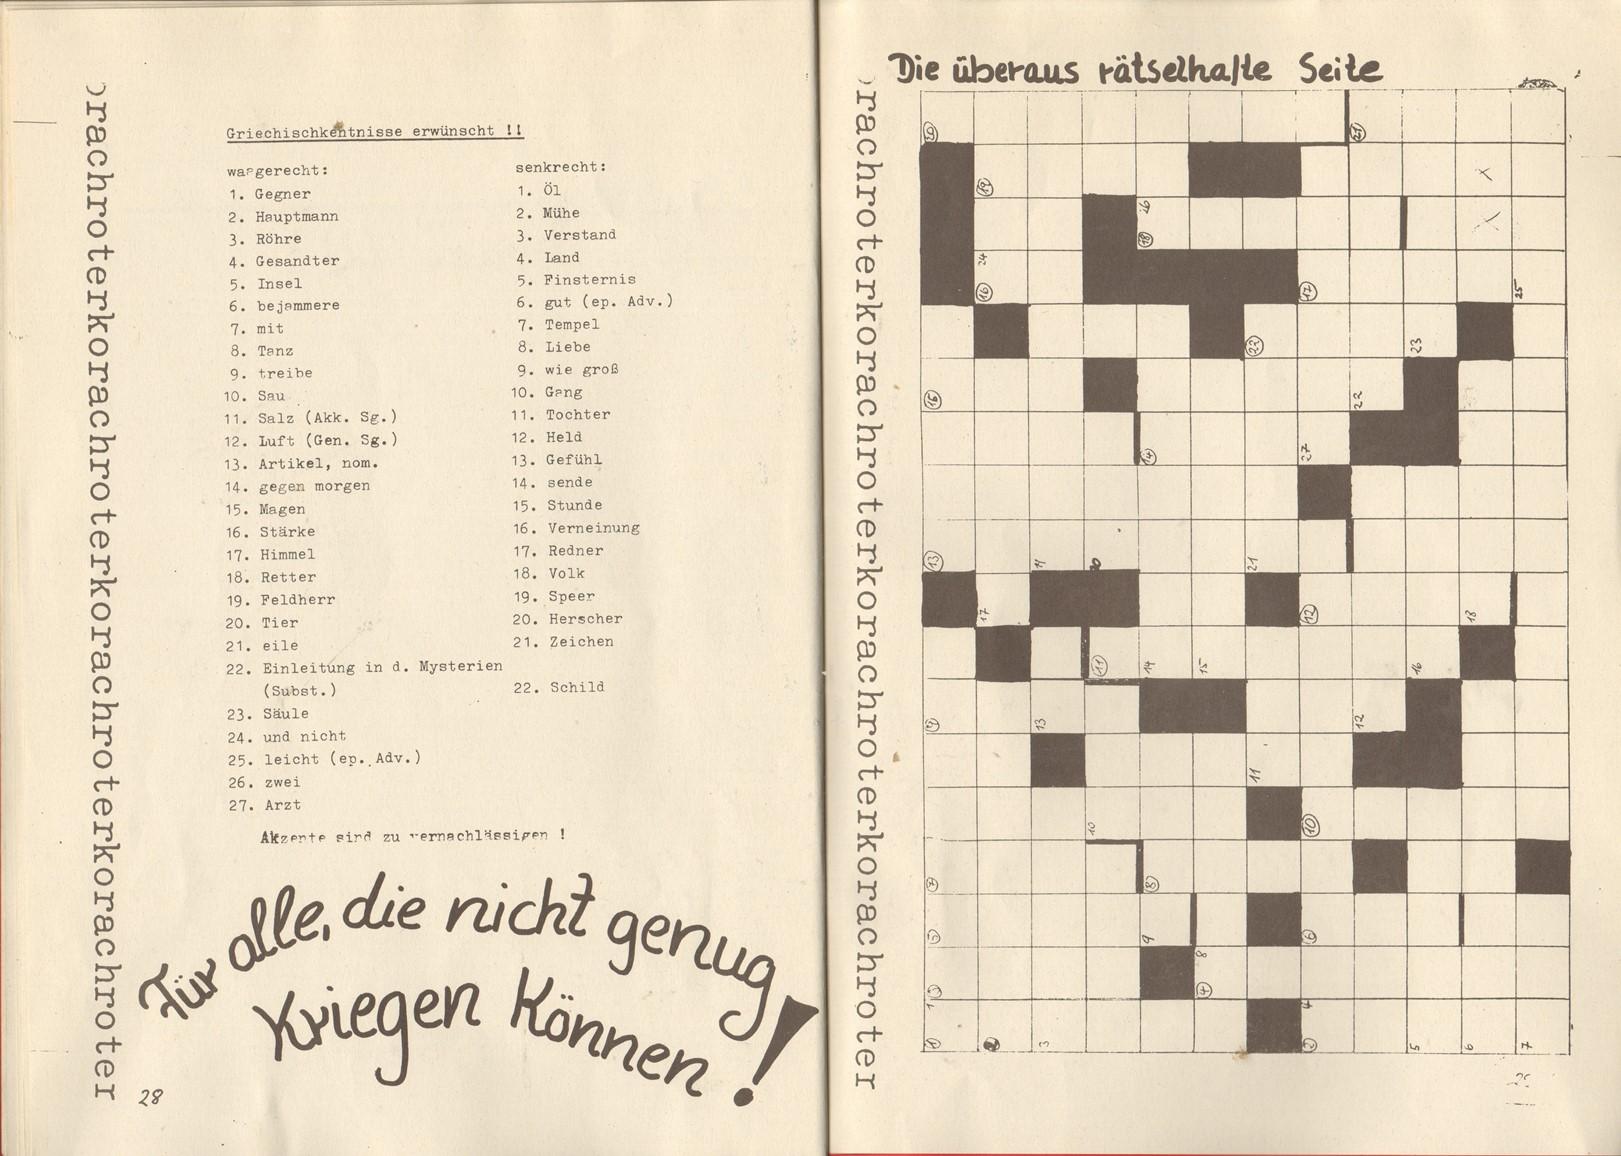 Muenster_Roter_Korach_19900400_15